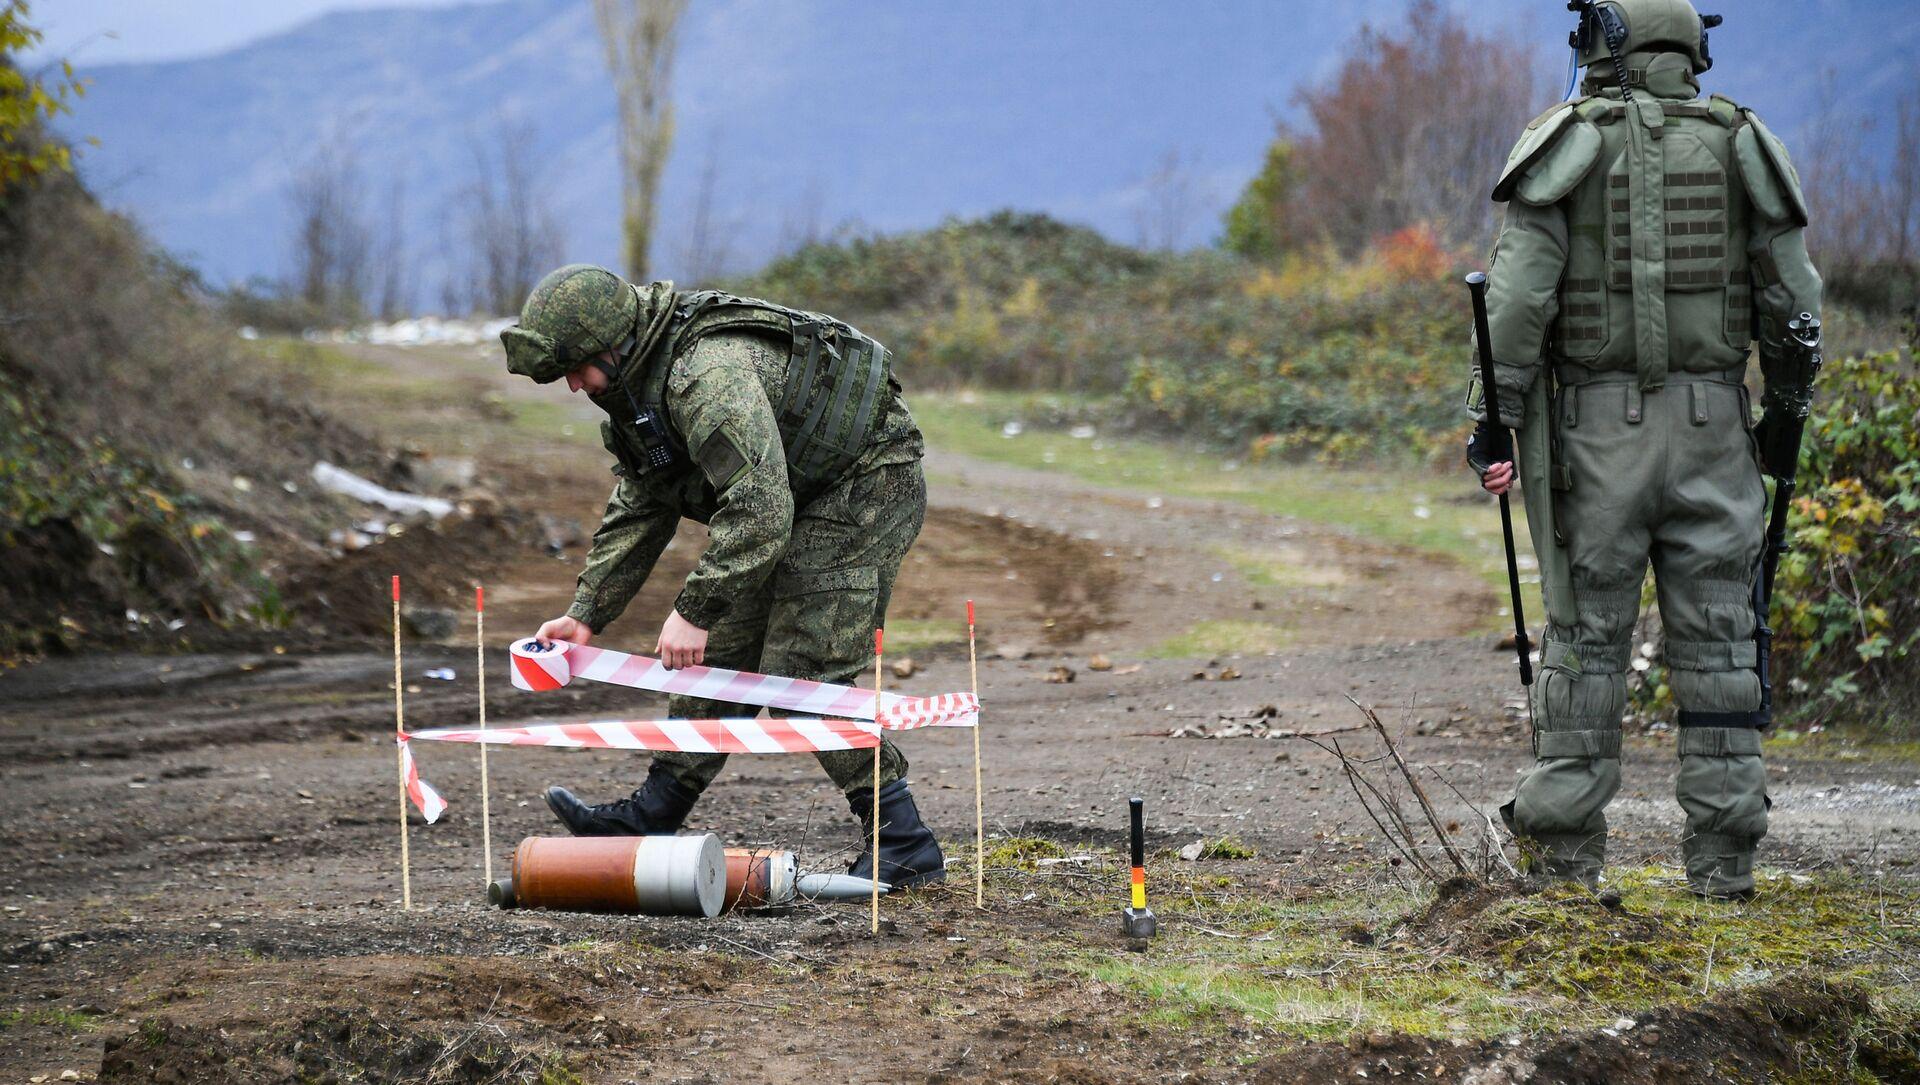 Ruski demineri tokom čišćenja terena od neeksplodiranih mina u Nagorno-Karabahu - Sputnik Srbija, 1920, 03.05.2021